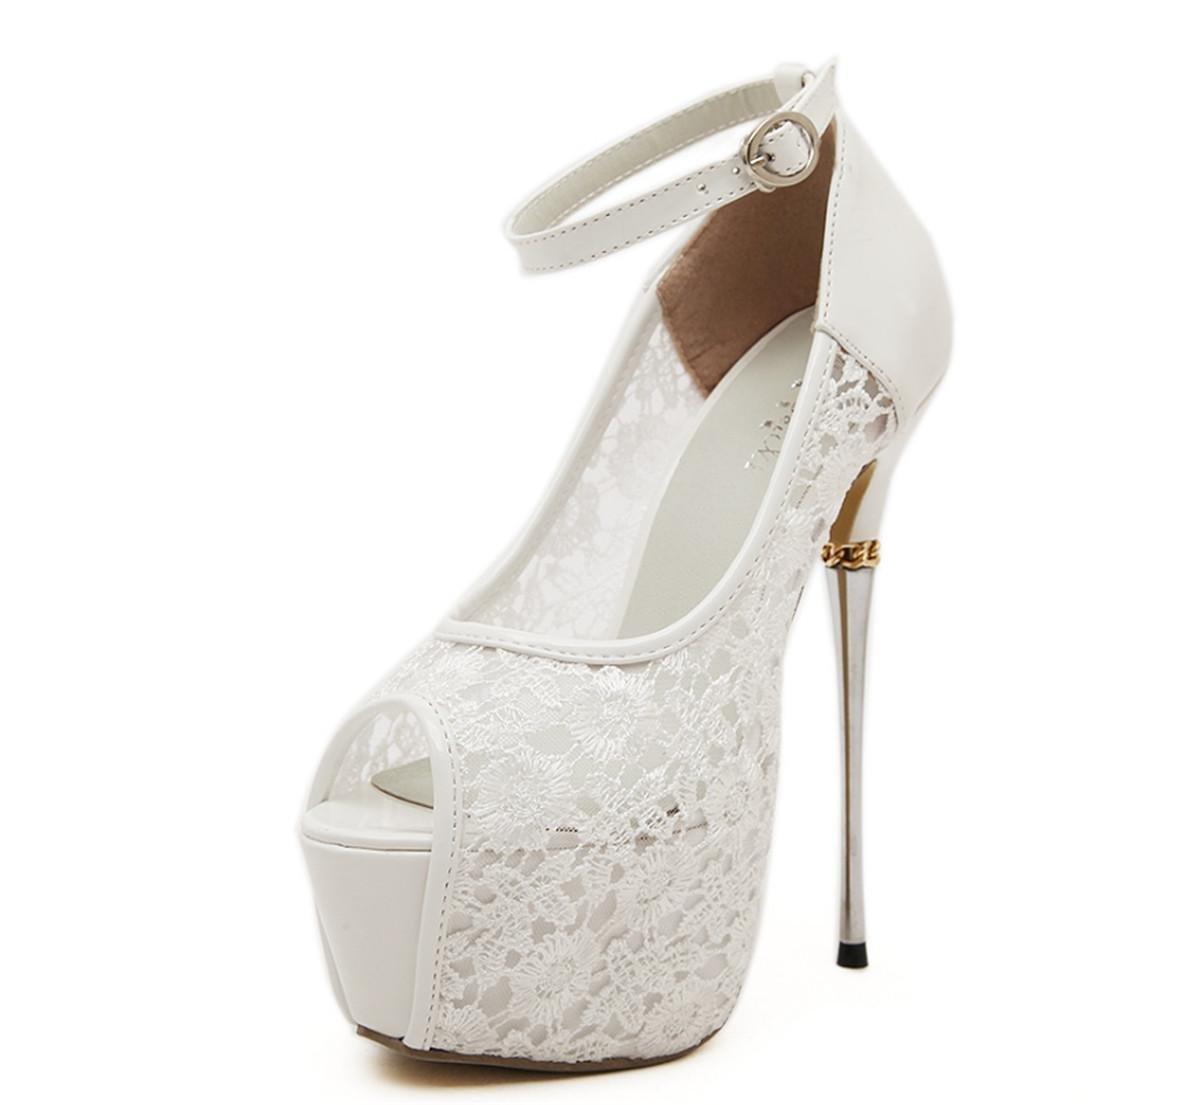 Damen Sandalen Stiletto High Heel Schuhe Knöchelriemen Peep Toe Spitze Plattform Schwarz Weiß Party Abend Prom Weiß EUR 39  UK 5